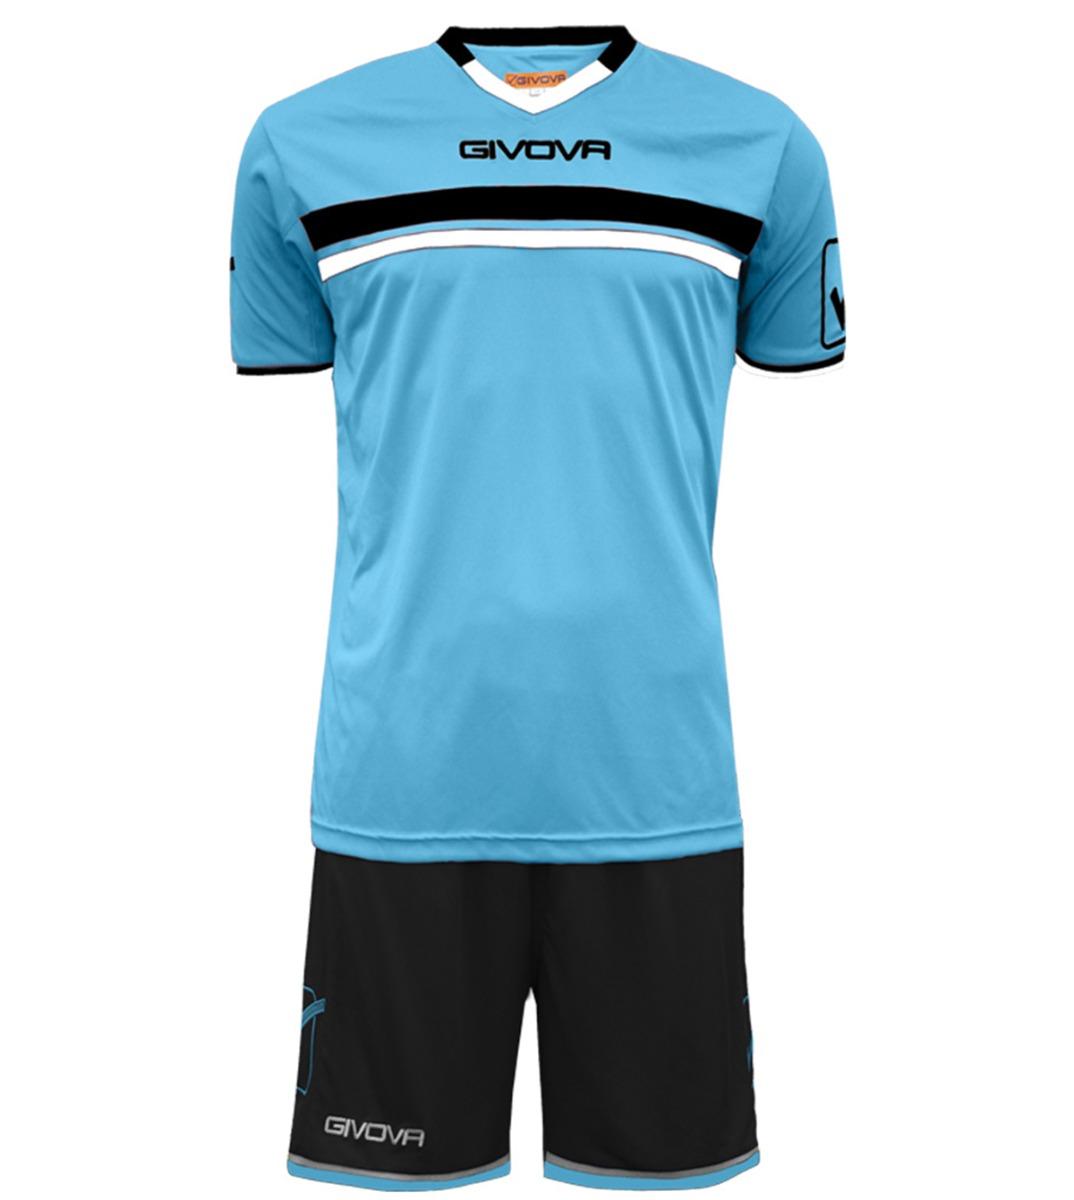 Kit-Game-Calcio-Sport-GIVOVA-Abbigliamento-Sportivo-Uomo-Calcistico-GIOSAL miniatura 10